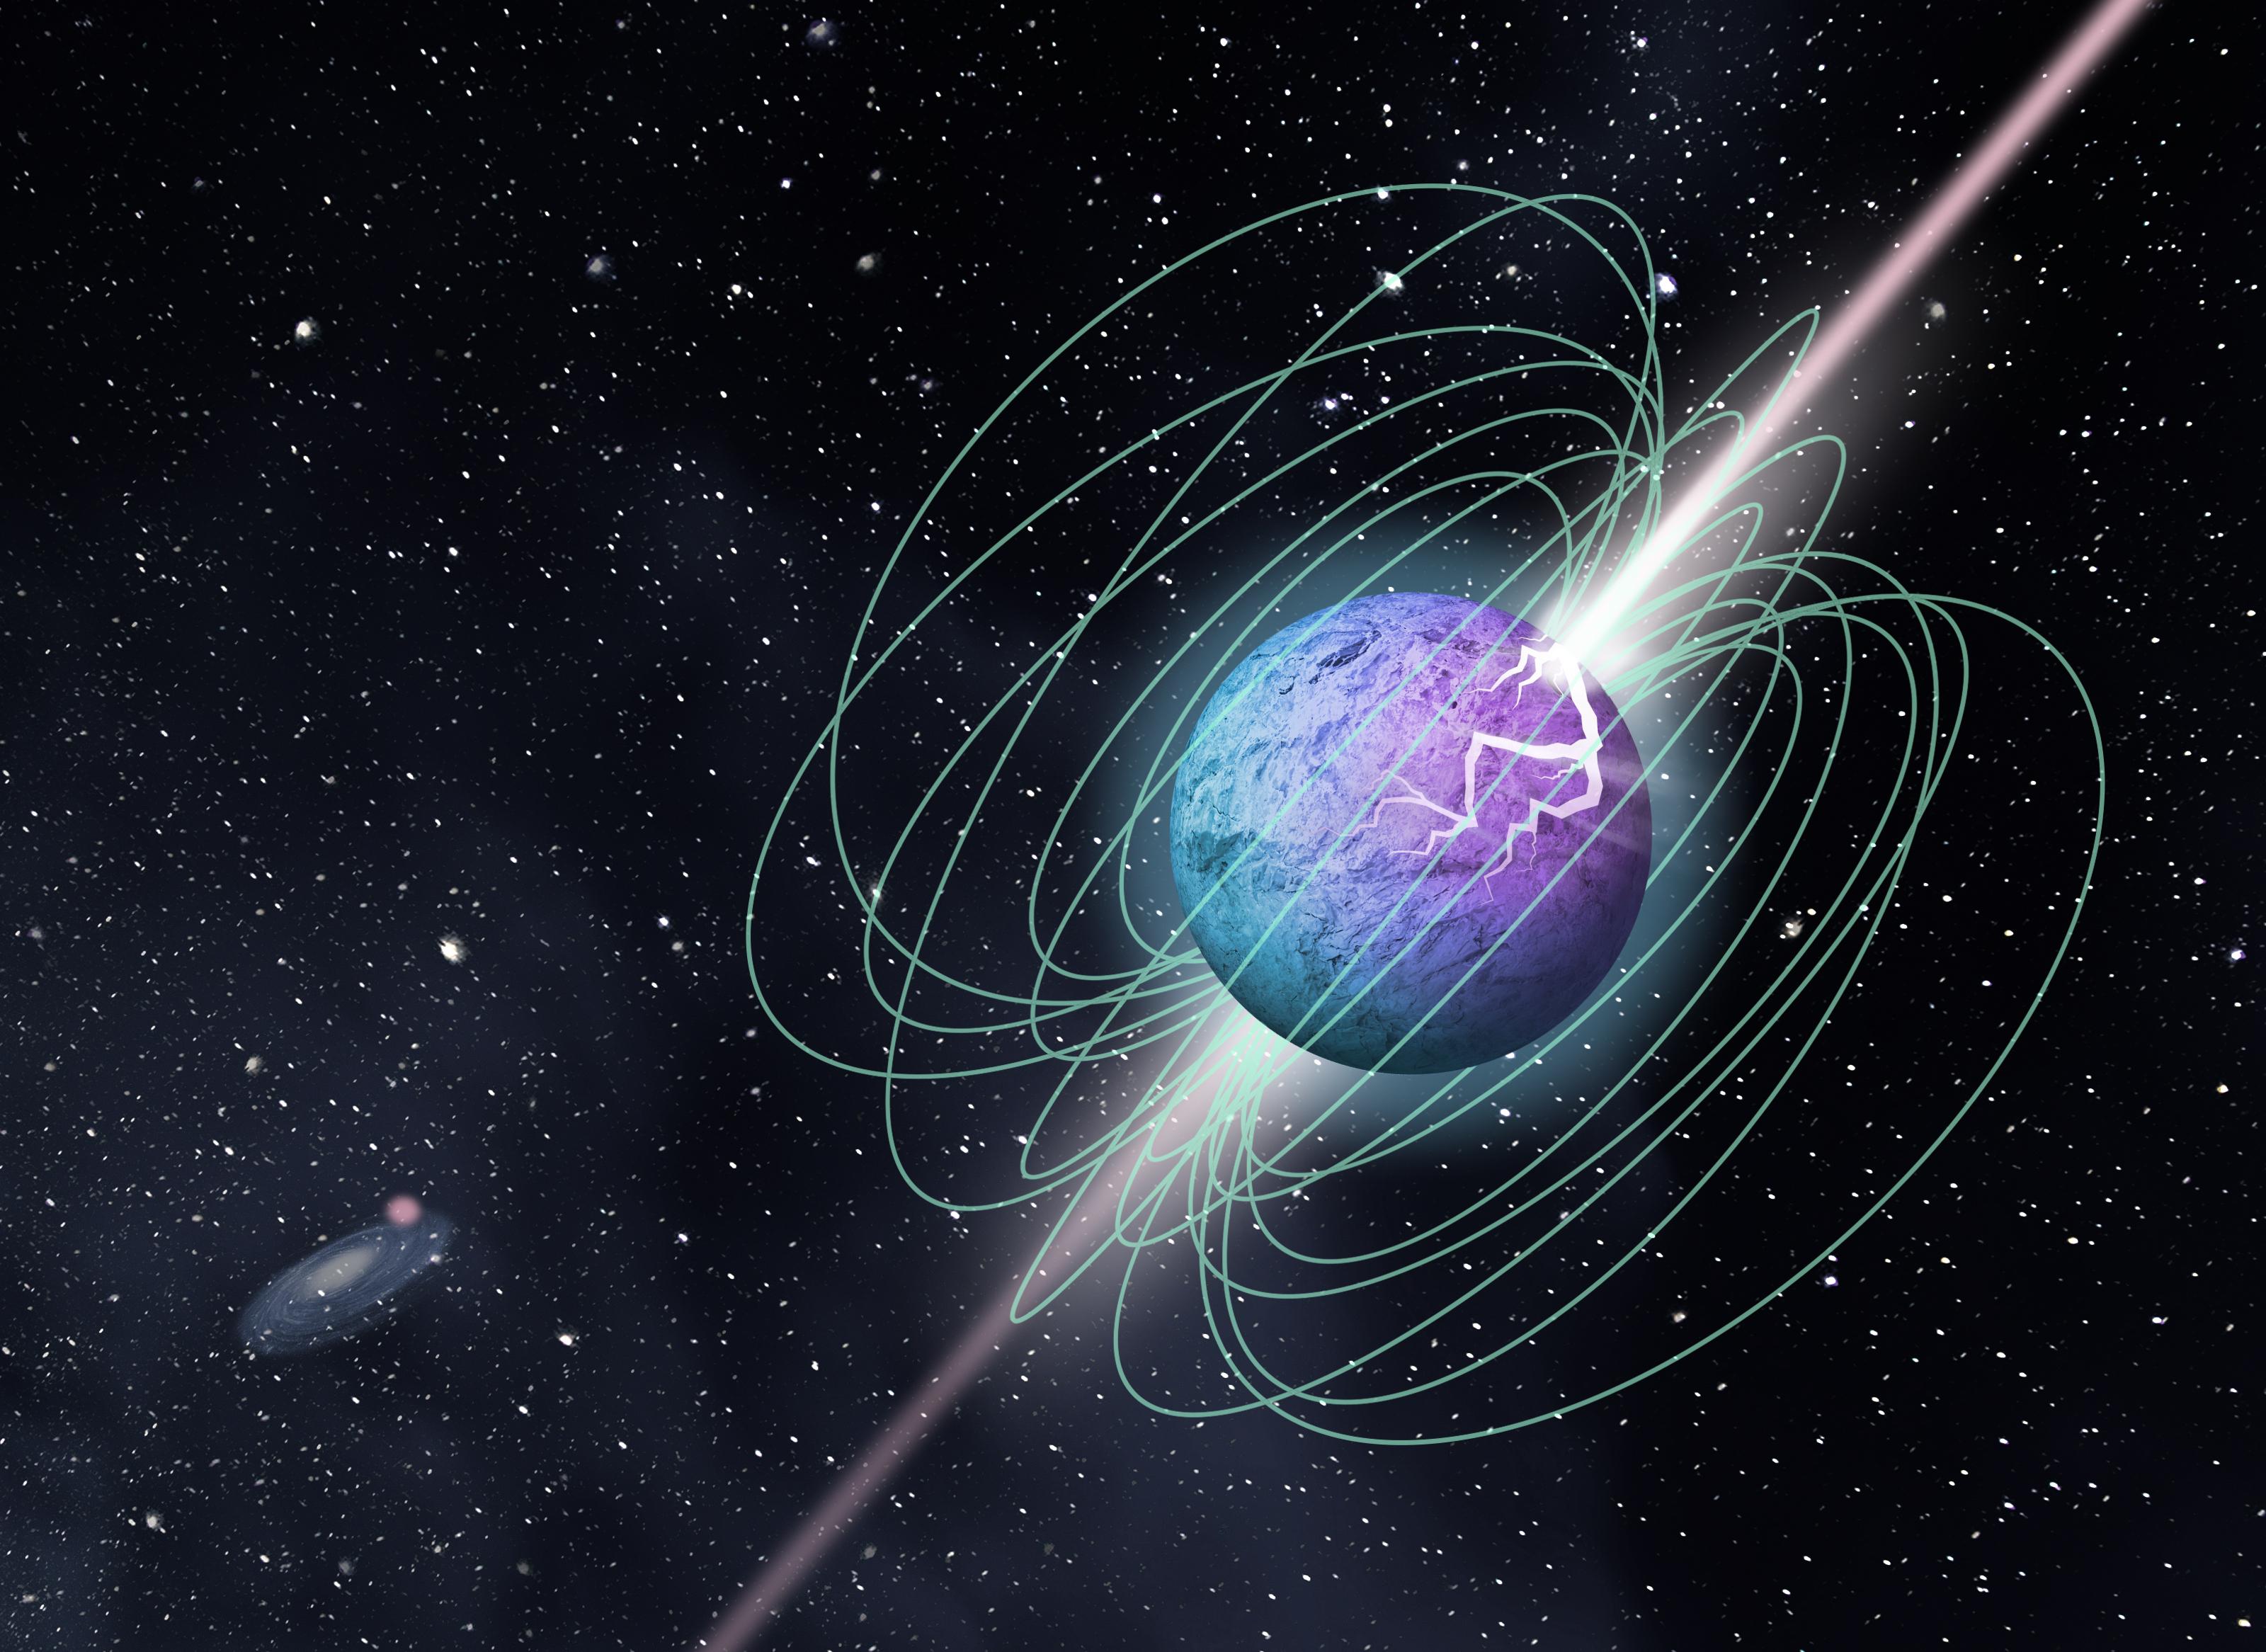 Une illustration d'un magnétar - le cadavre hautement magnétisé d'une étoile effondrée - débordant d'énergie.  Les scientifiques pensent qu'ils pourraient être responsables des sursauts radio rapides (FRB)